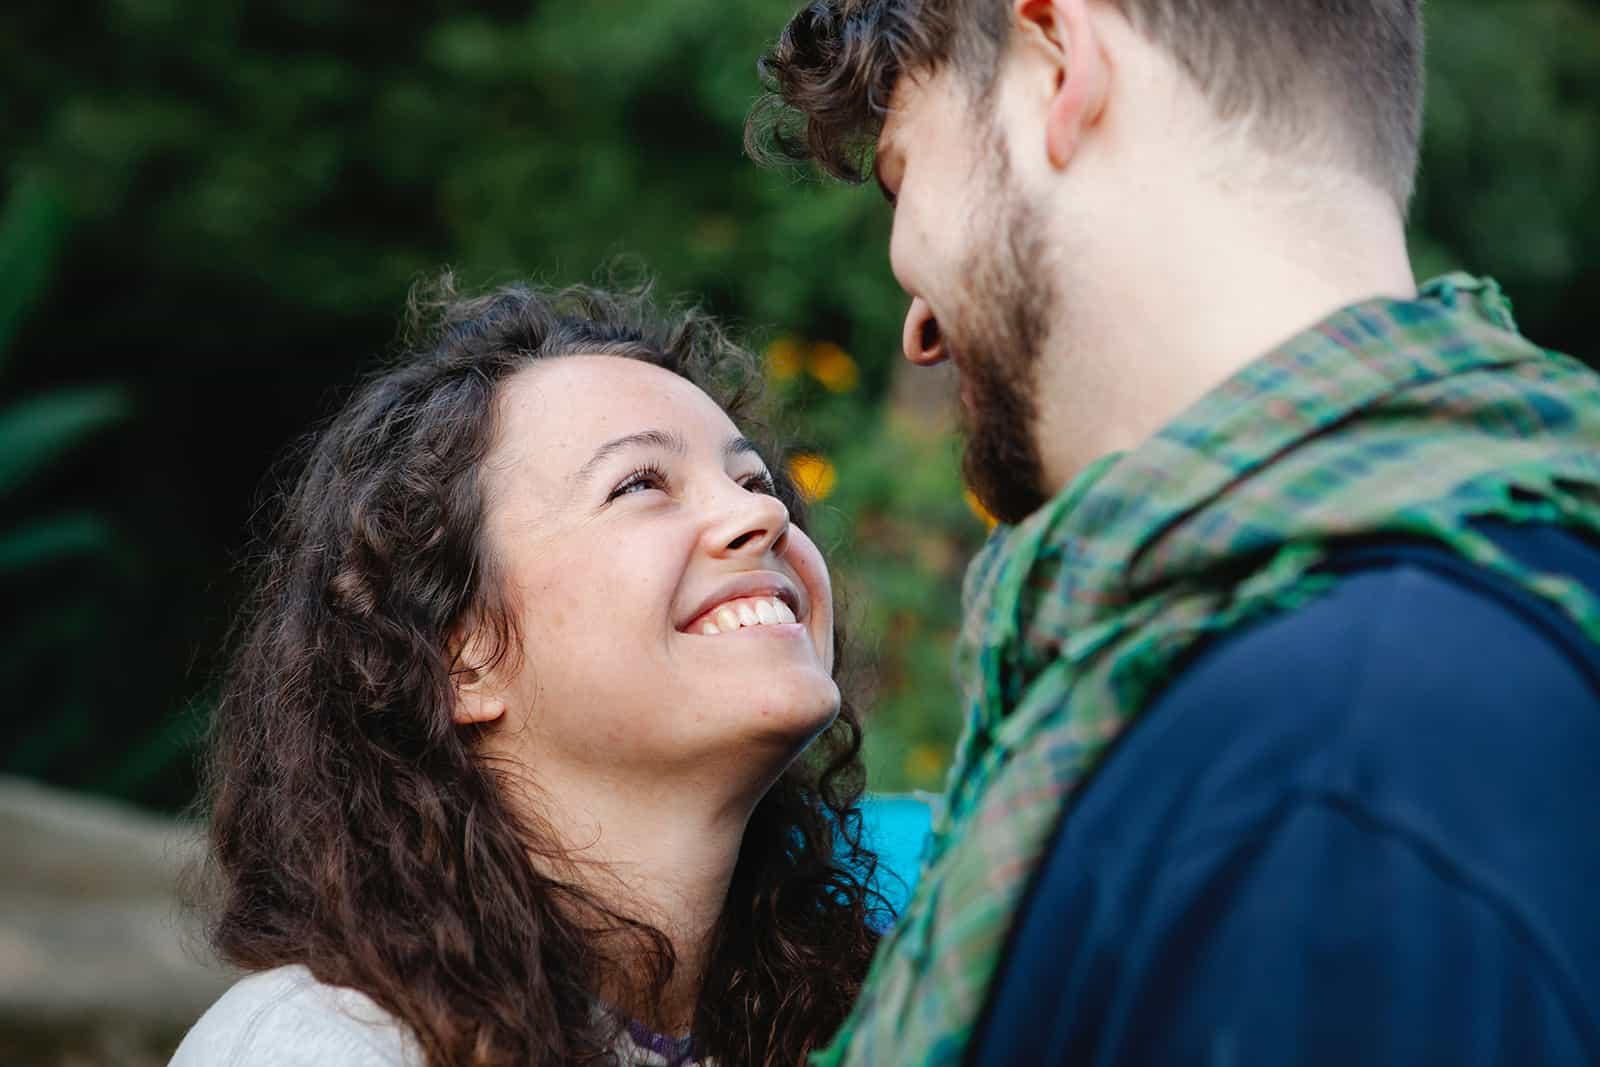 Une femme souriante regardant son petit ami tout en se tenant près de l'autre